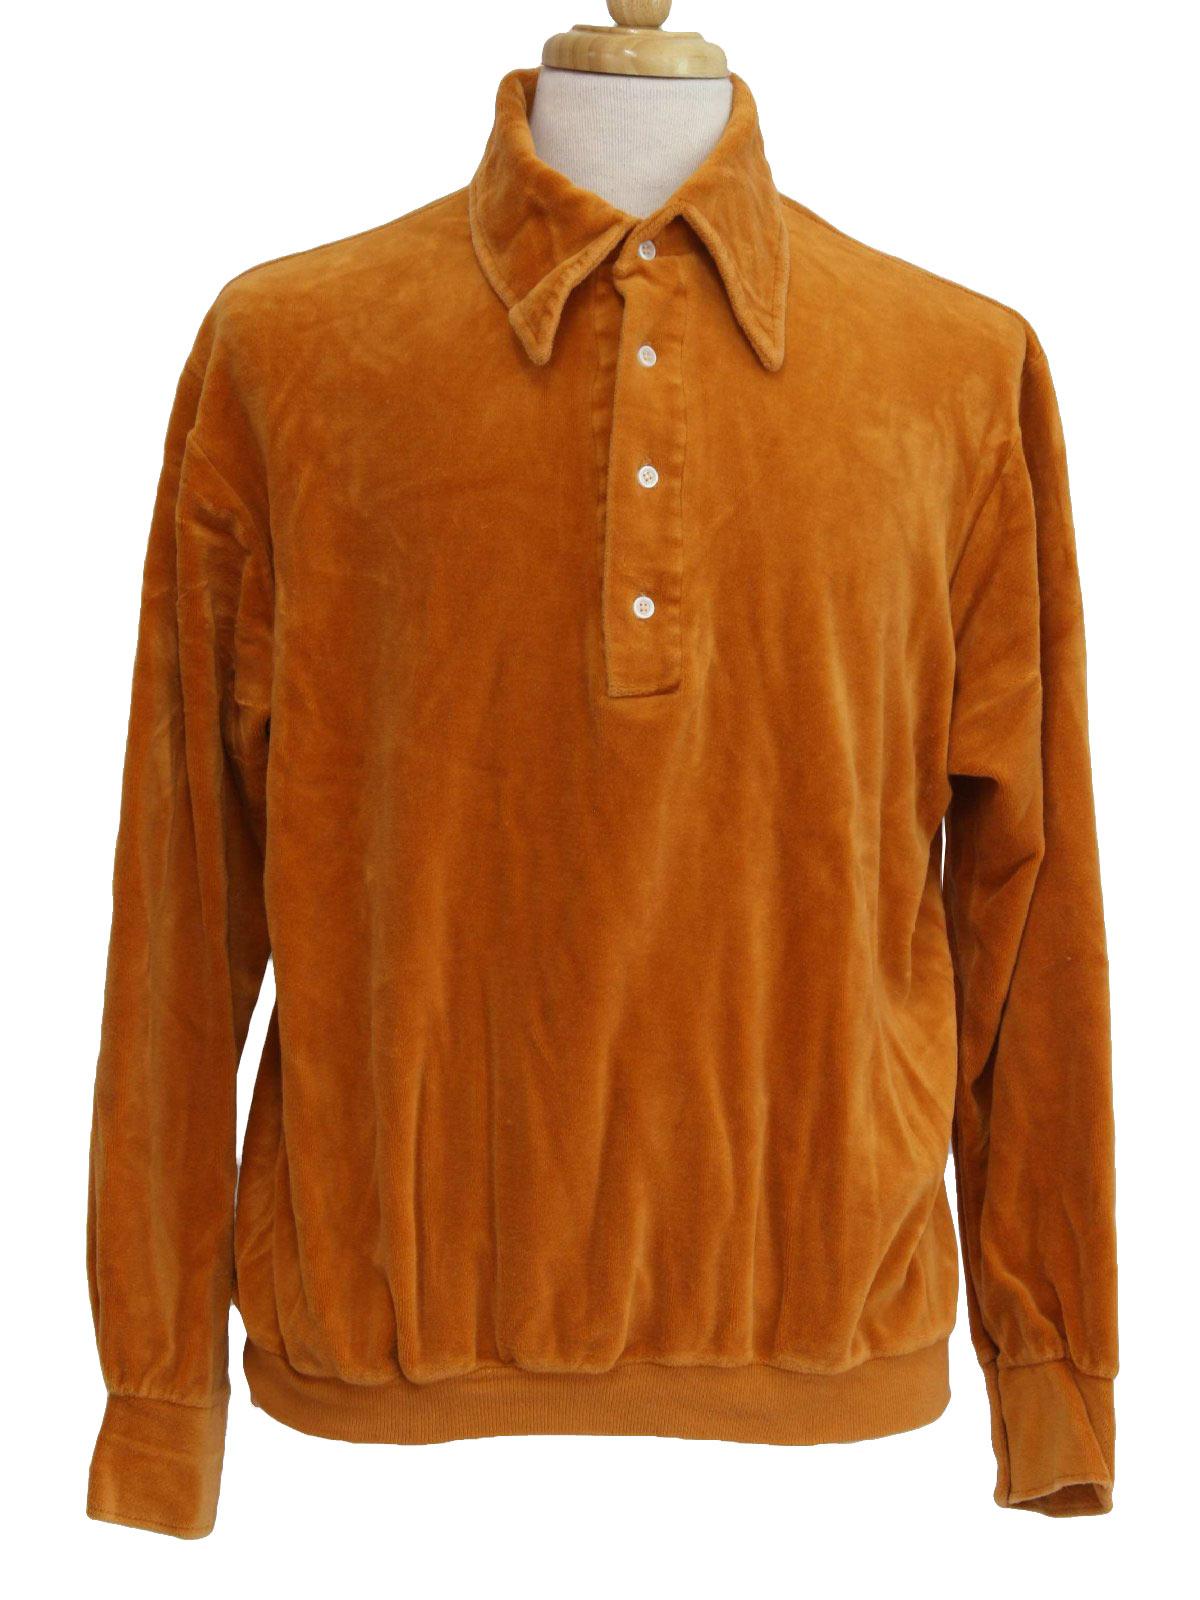 Mens Vintage Short Sleeve Knit Shirts at